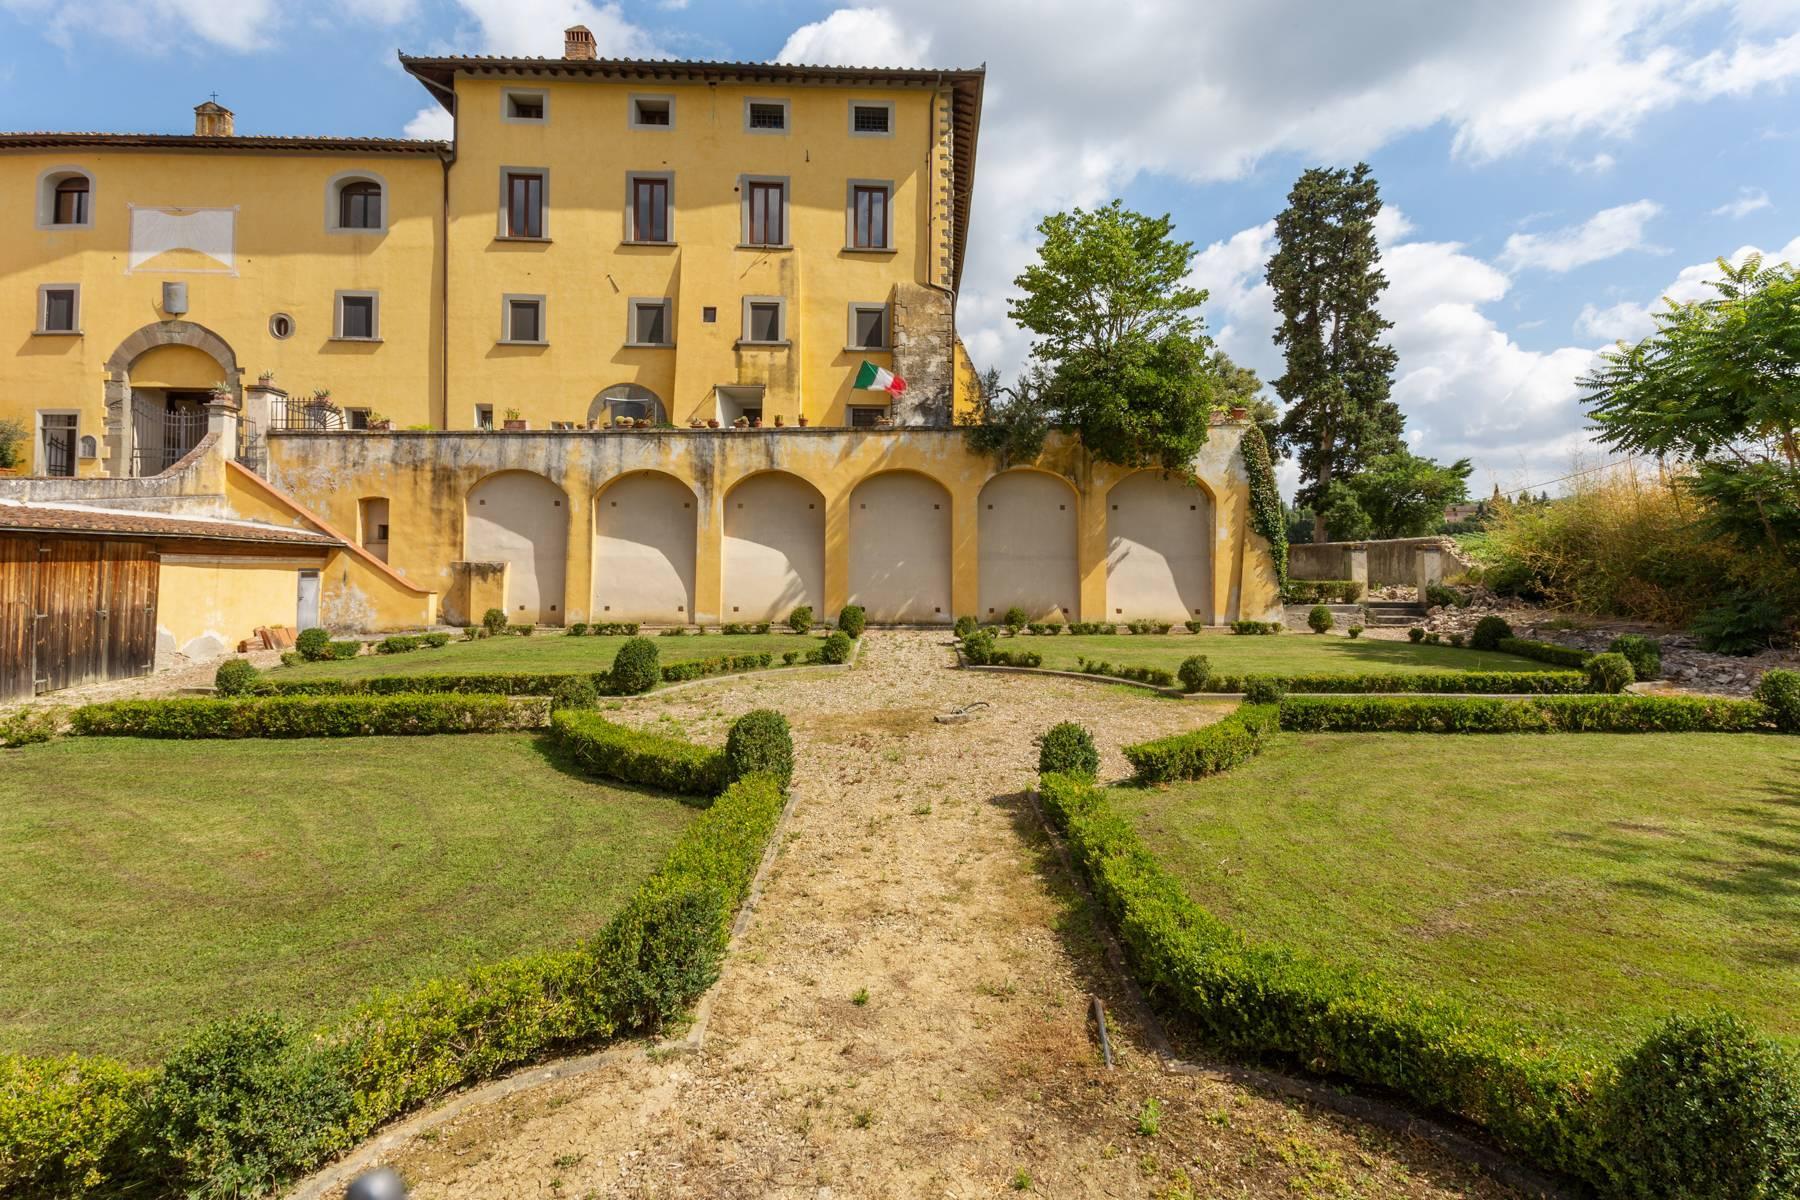 Magnifique appartement dans villa historique du XVI siècle avec jardin - 18